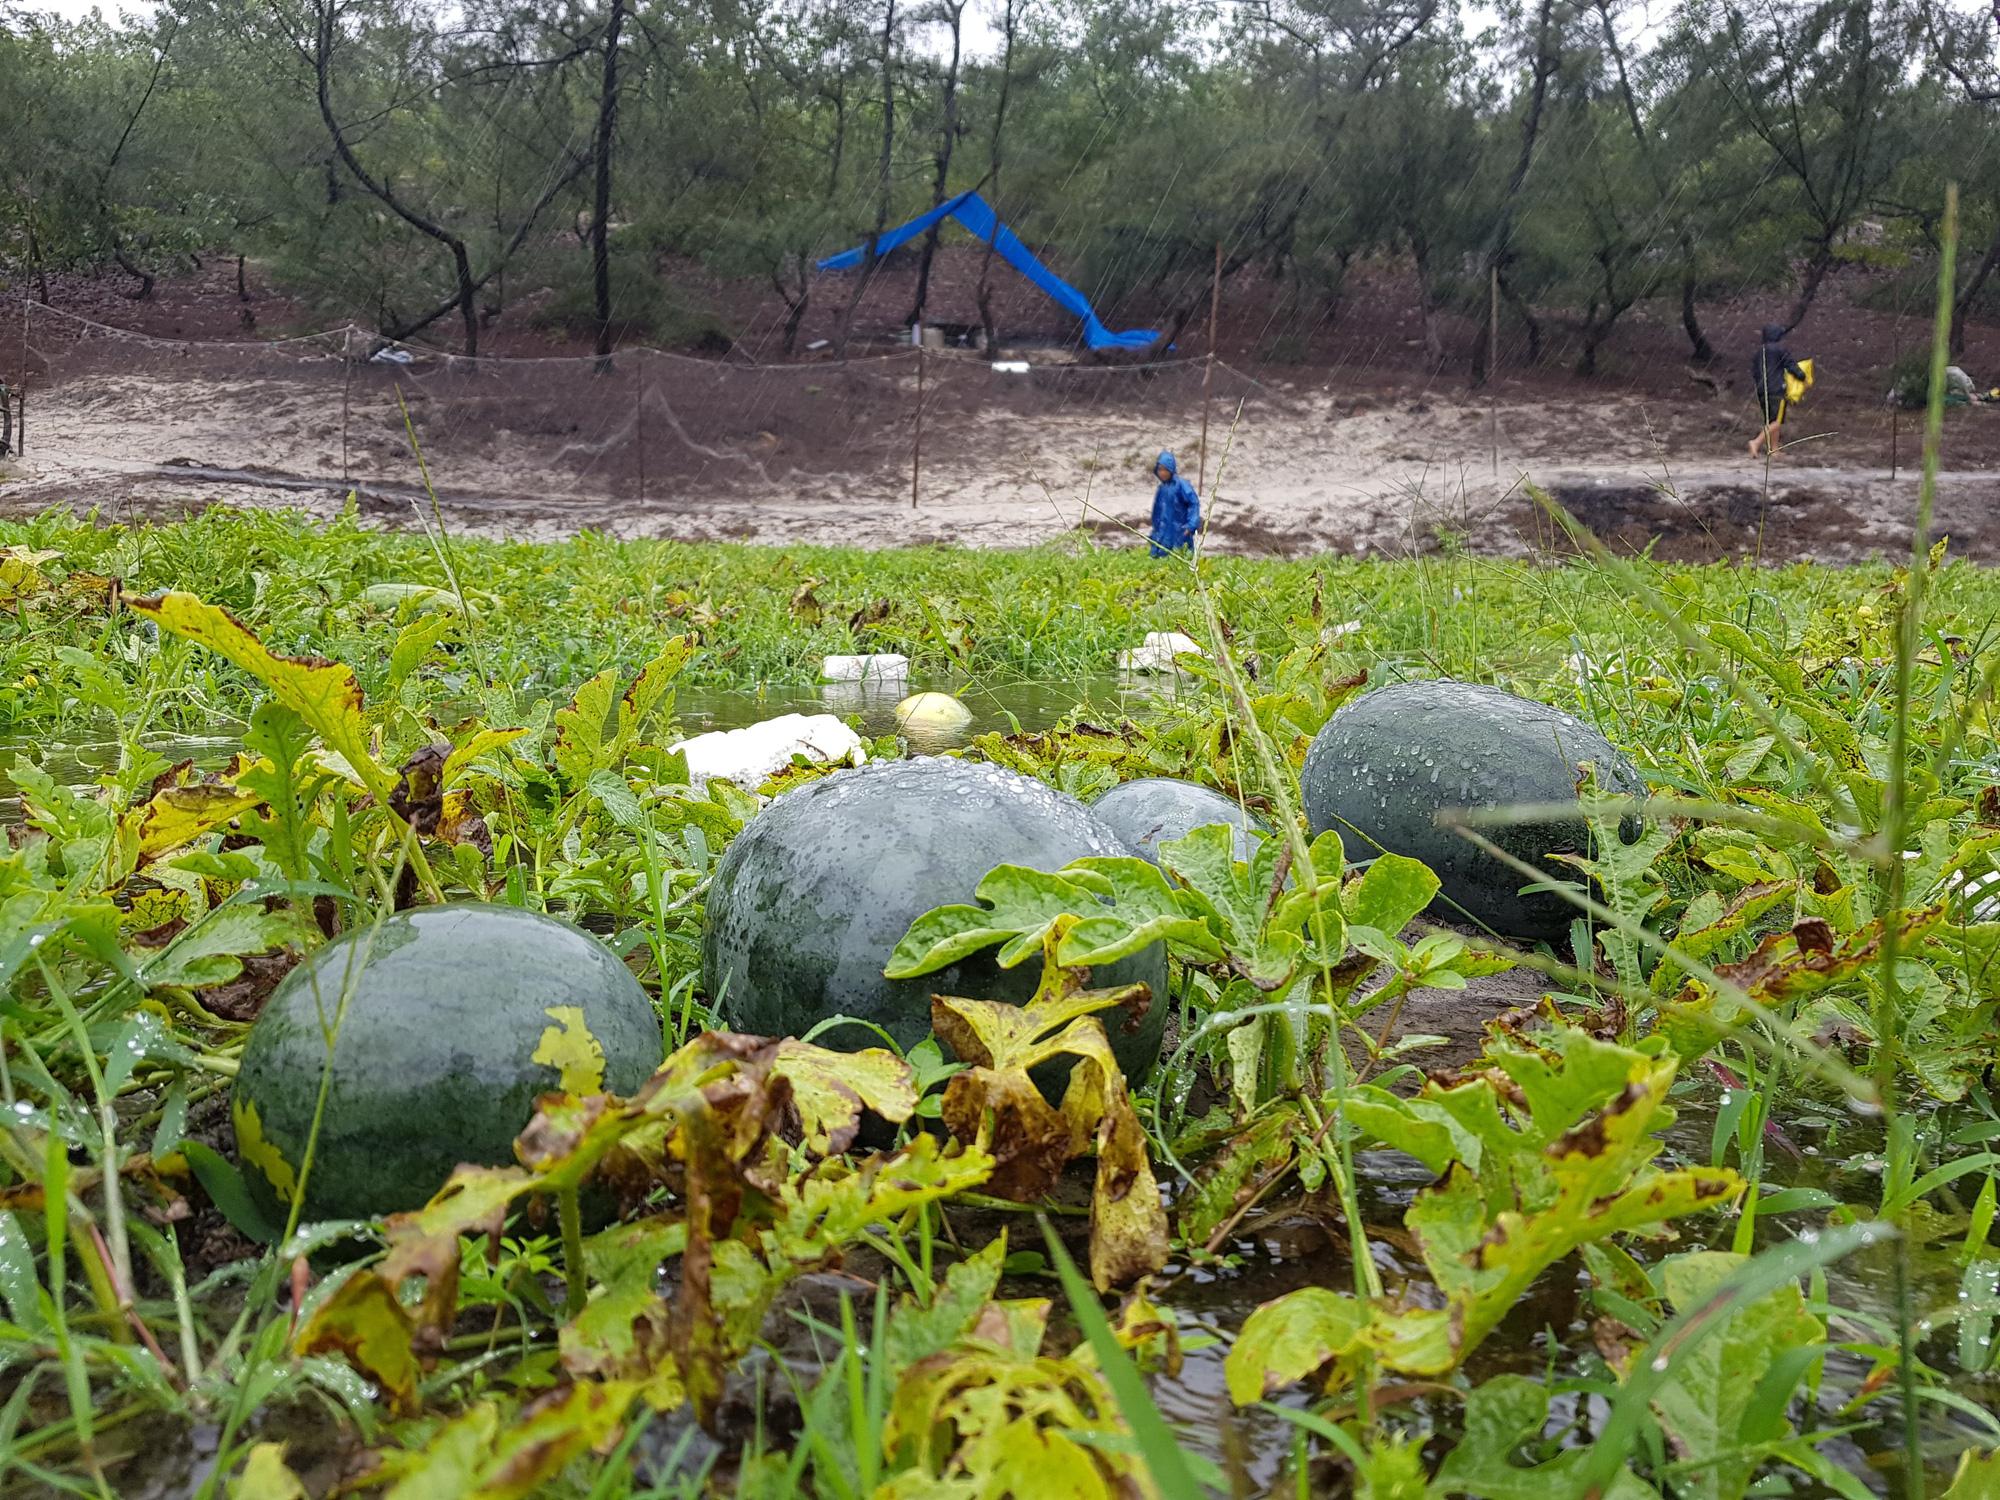 Khoảng 6 ha trồng dưa hấu chuẩn bị thu hoạch ở xã Hải Dương (thị xã Hương Trà) bị ngập úng sau ba ngày mưa liên tục.